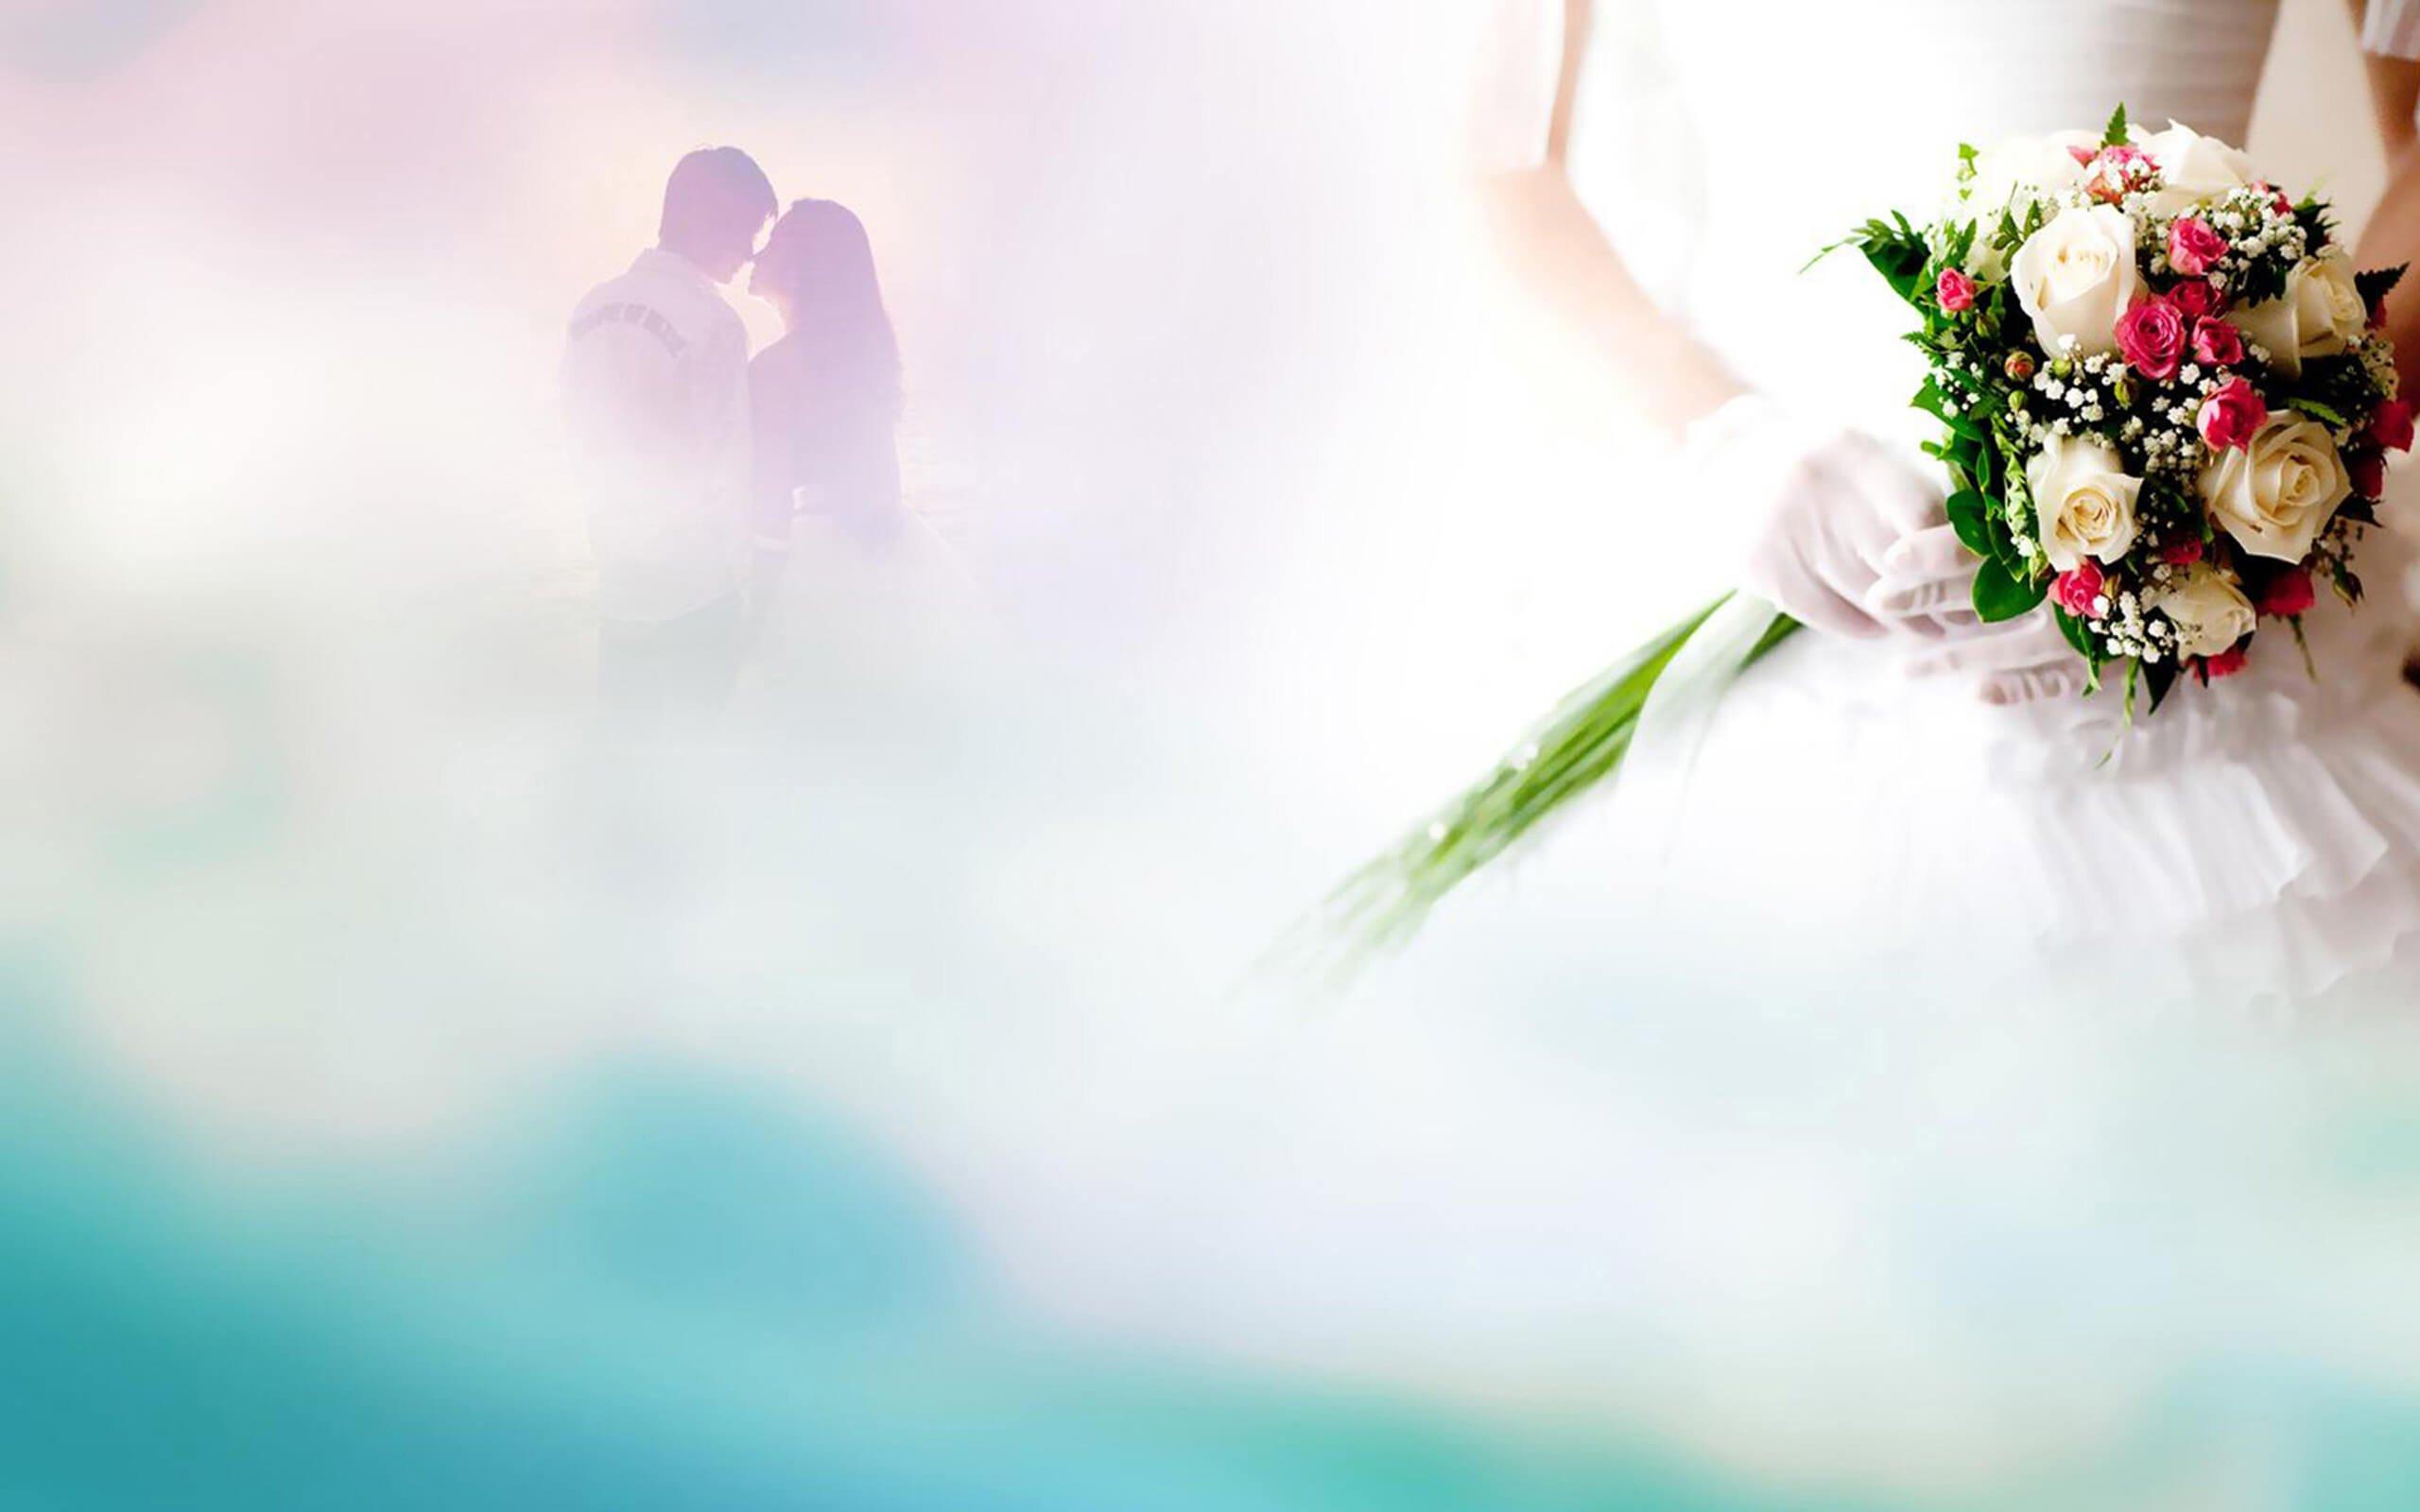 том, какой фото презентация на свадьбу лавре настоящее время